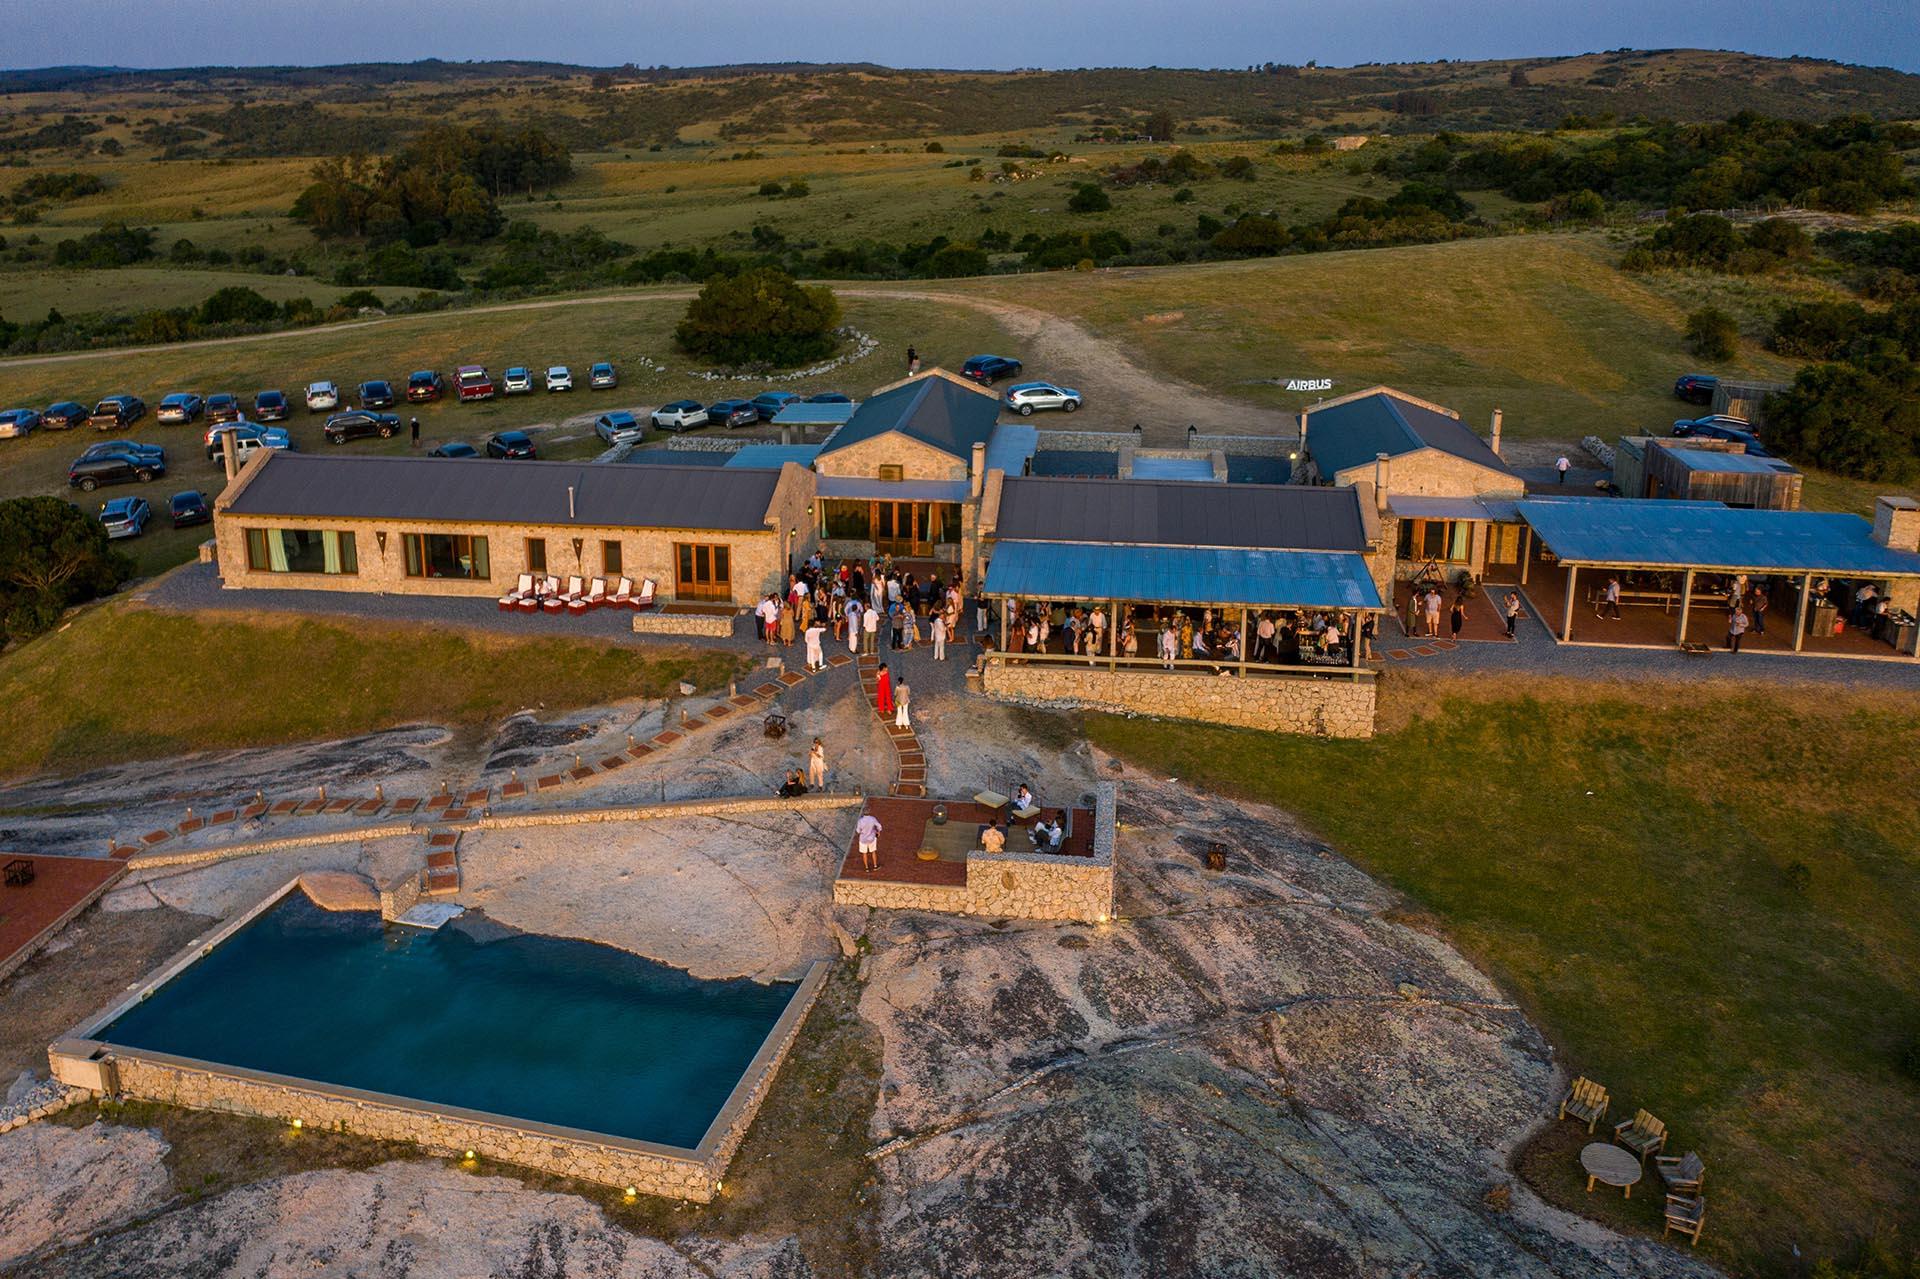 """Con vistas de 360 grados a su alrededor, se encuentra """" La Tertulia """", la fabulosa casa de Susana Giménez en Laguna Garzón"""